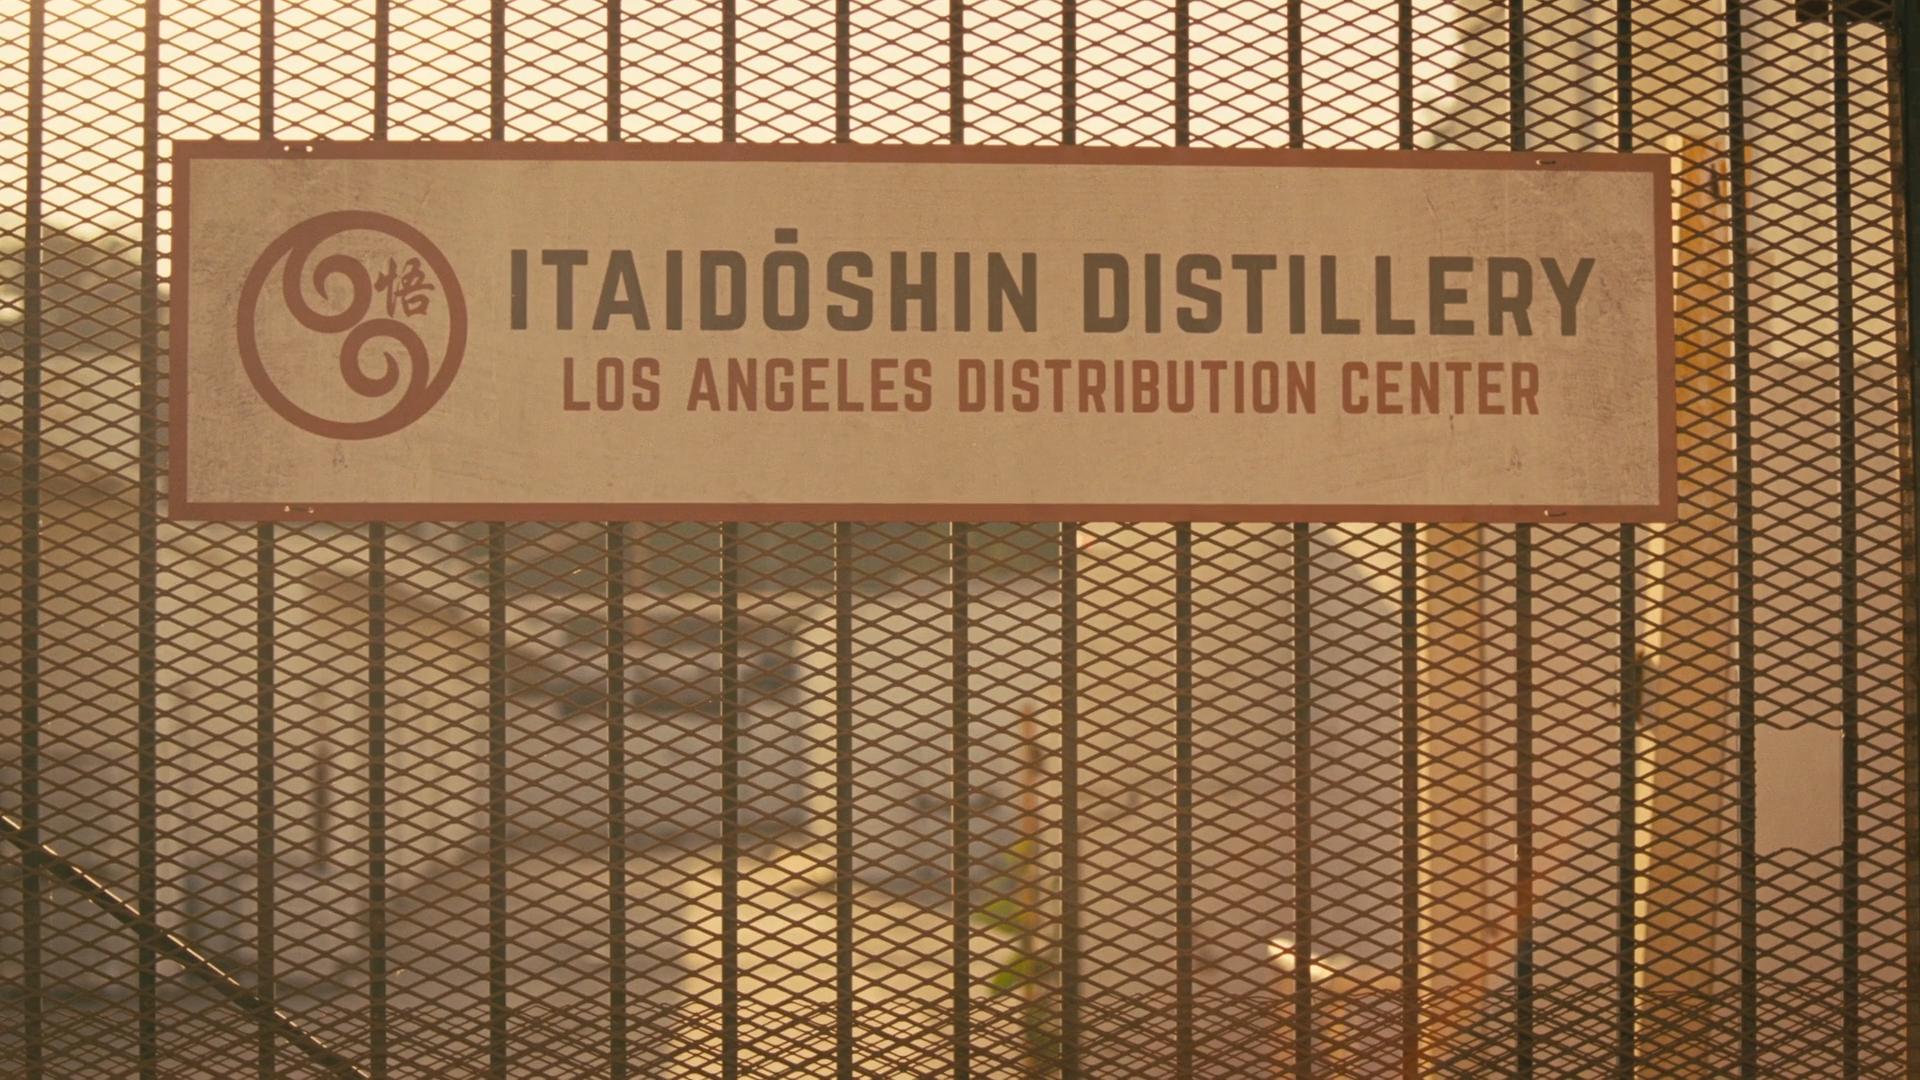 Itaidōshin Distillery